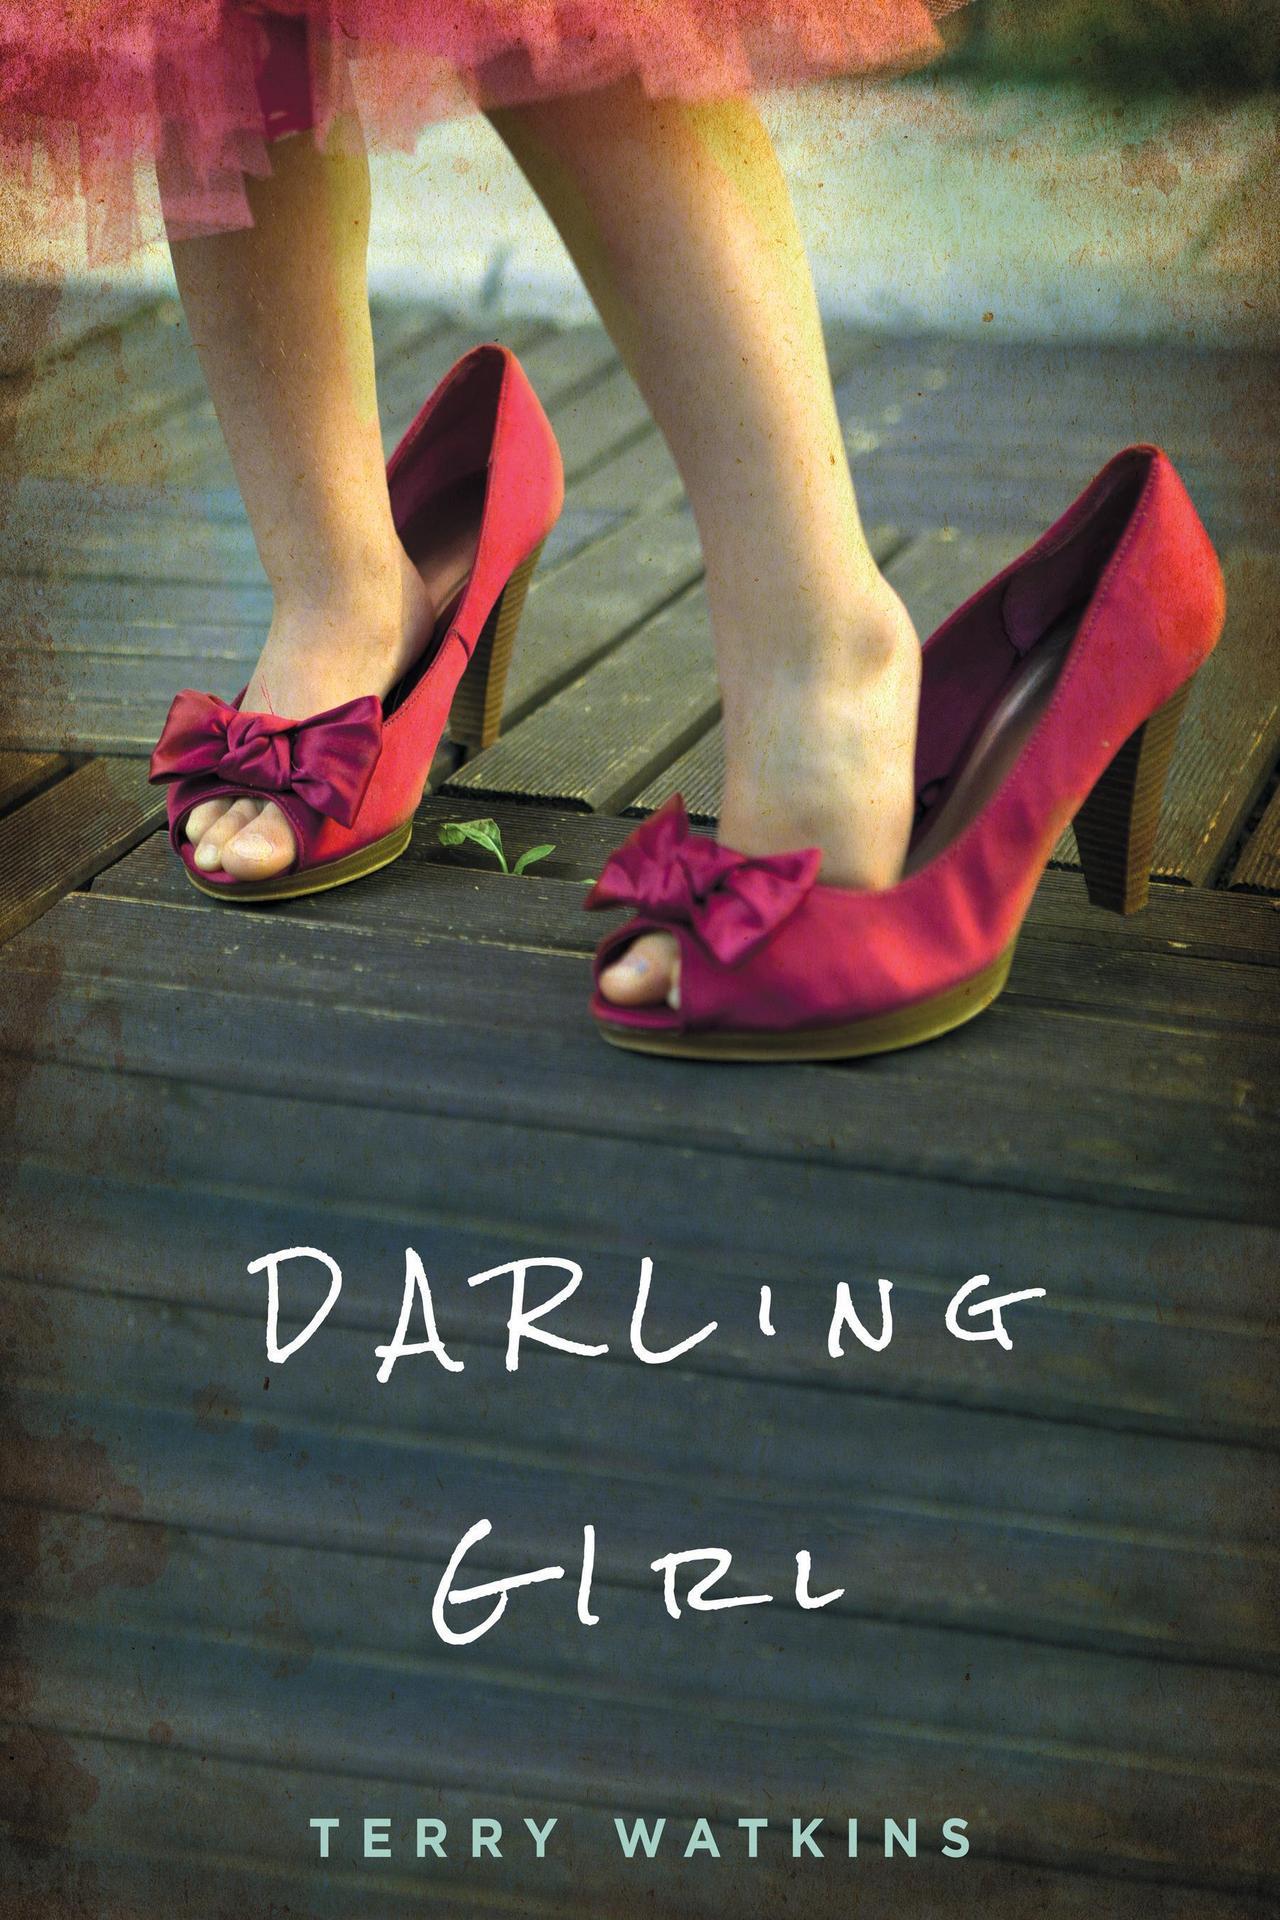 Darling girl legs best version